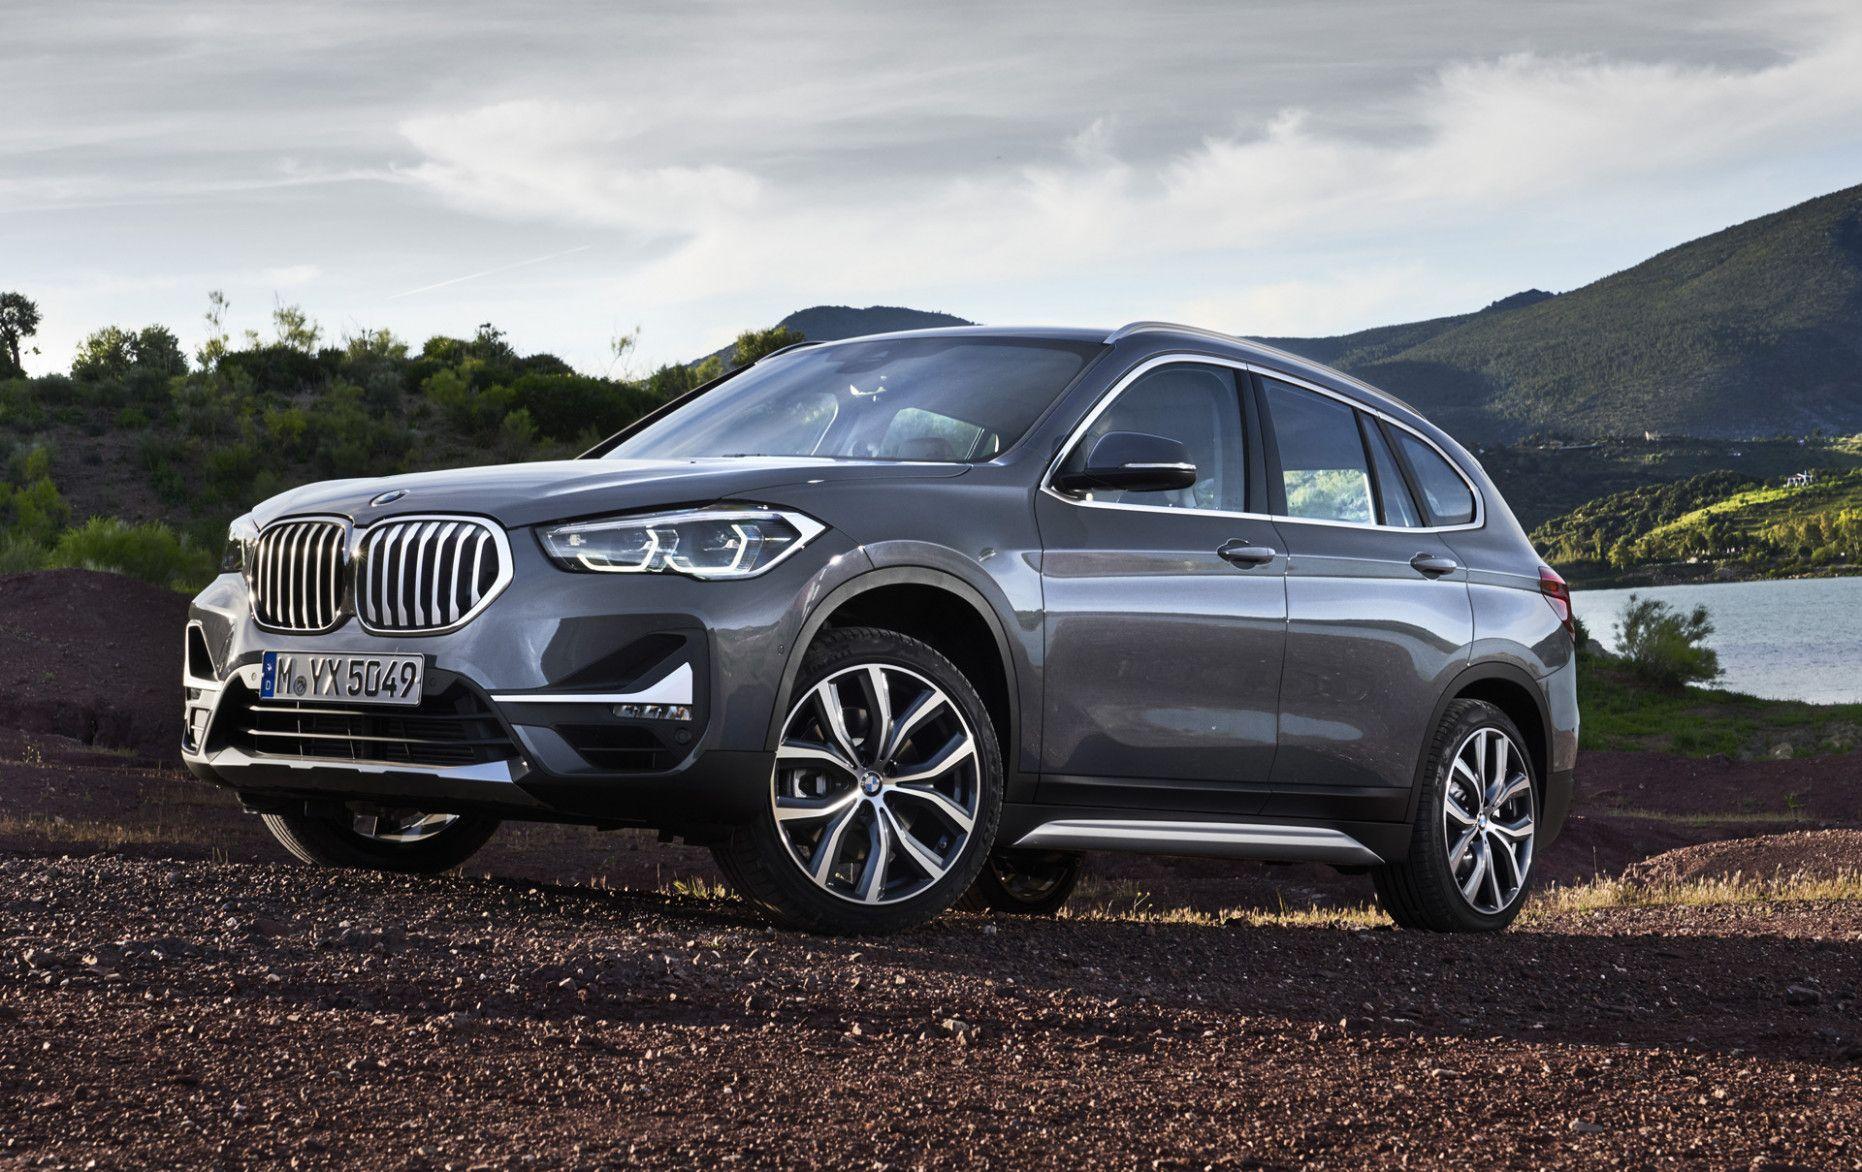 2020 Bmw X1 In 2020 Bmw Bmw X3 Car